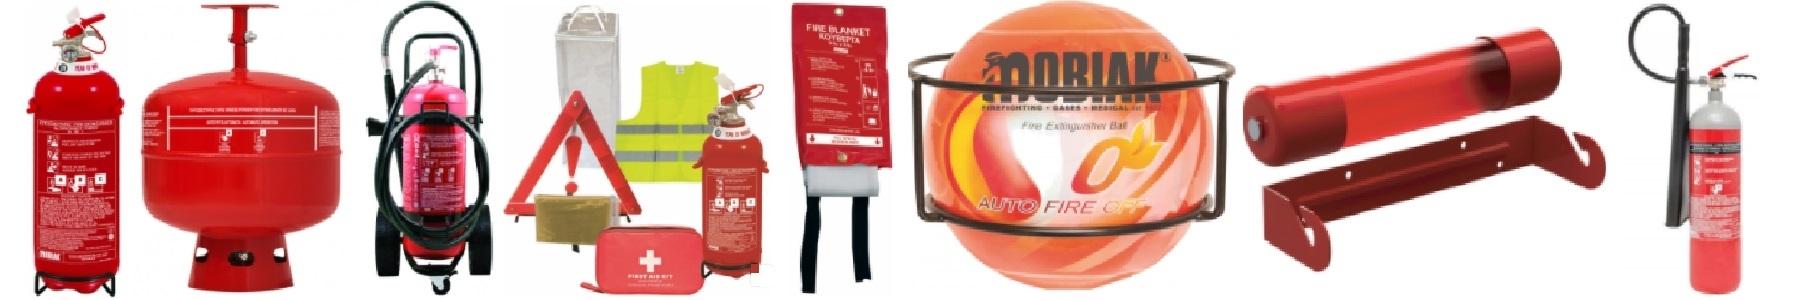 Πυροσβεστήρες